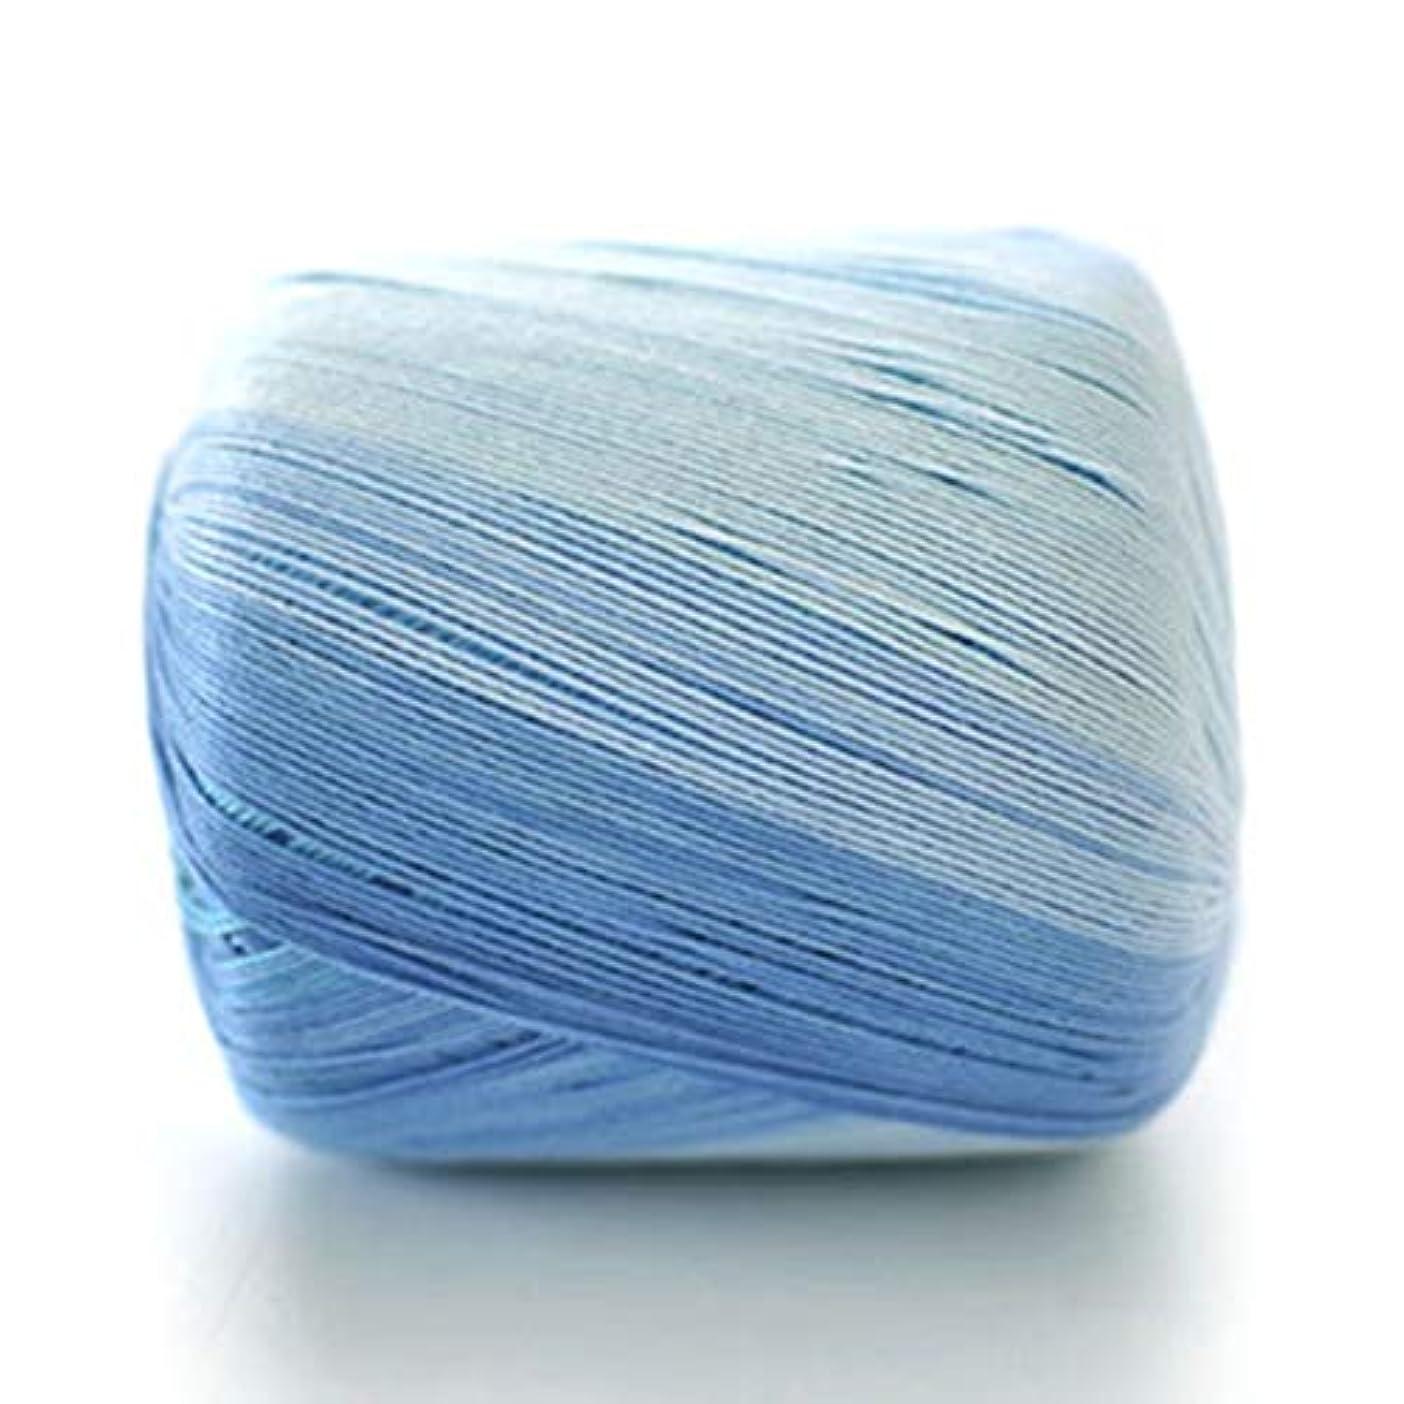 ハードウェア解決東Saikogoods 手作りかぎ針編みのフック糸 色付け レース糸 5号ピュアコットン ファインニットウール ソフト滑らかな 縫製ライン 青